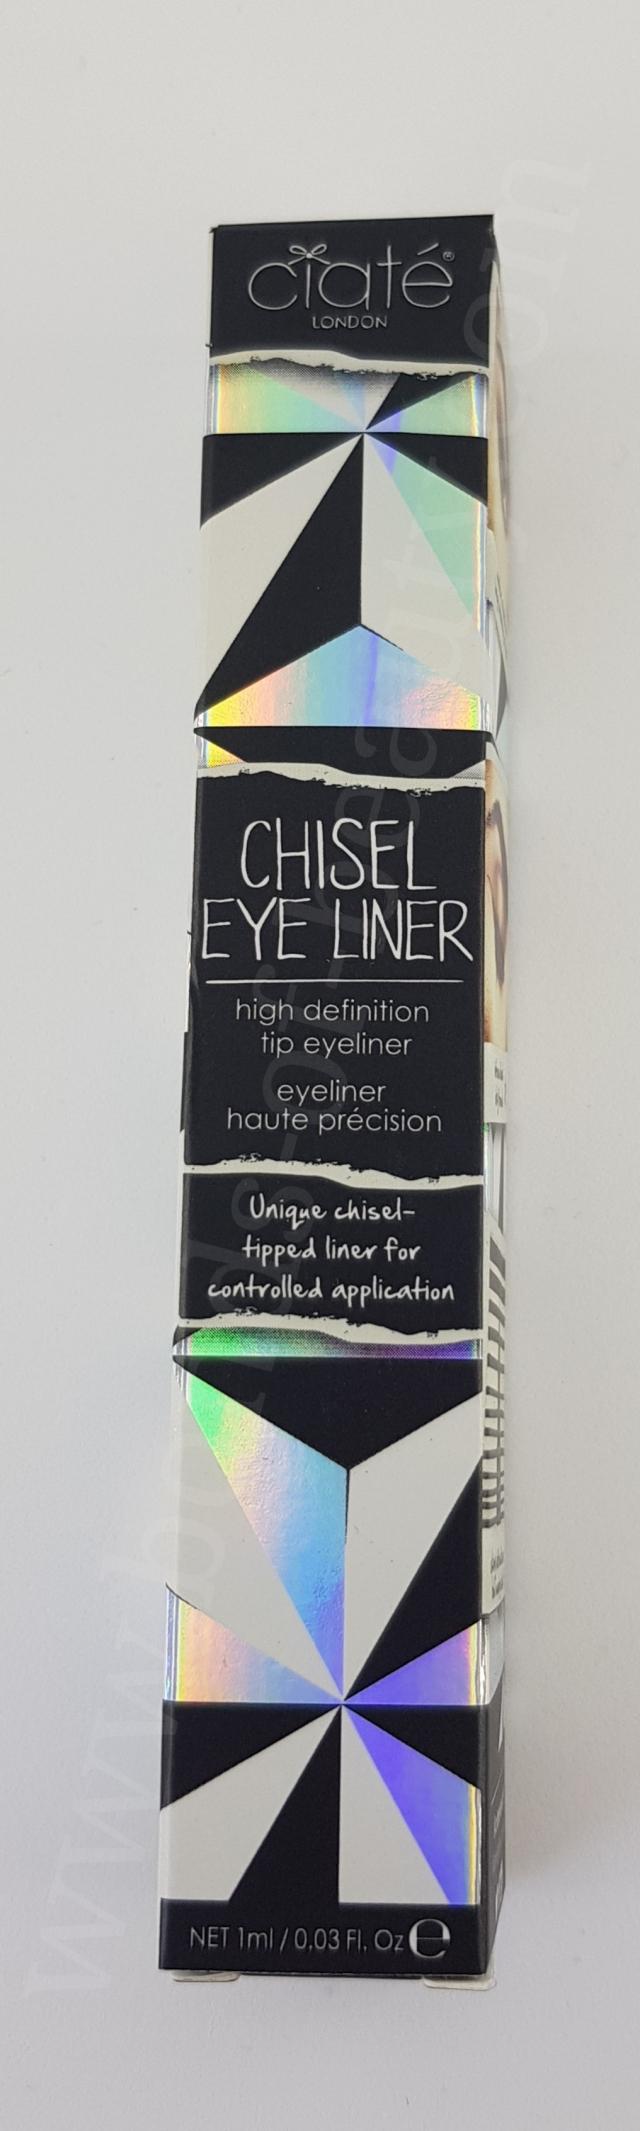 Ciate Chisel Eye Liner 2_20180224181307737